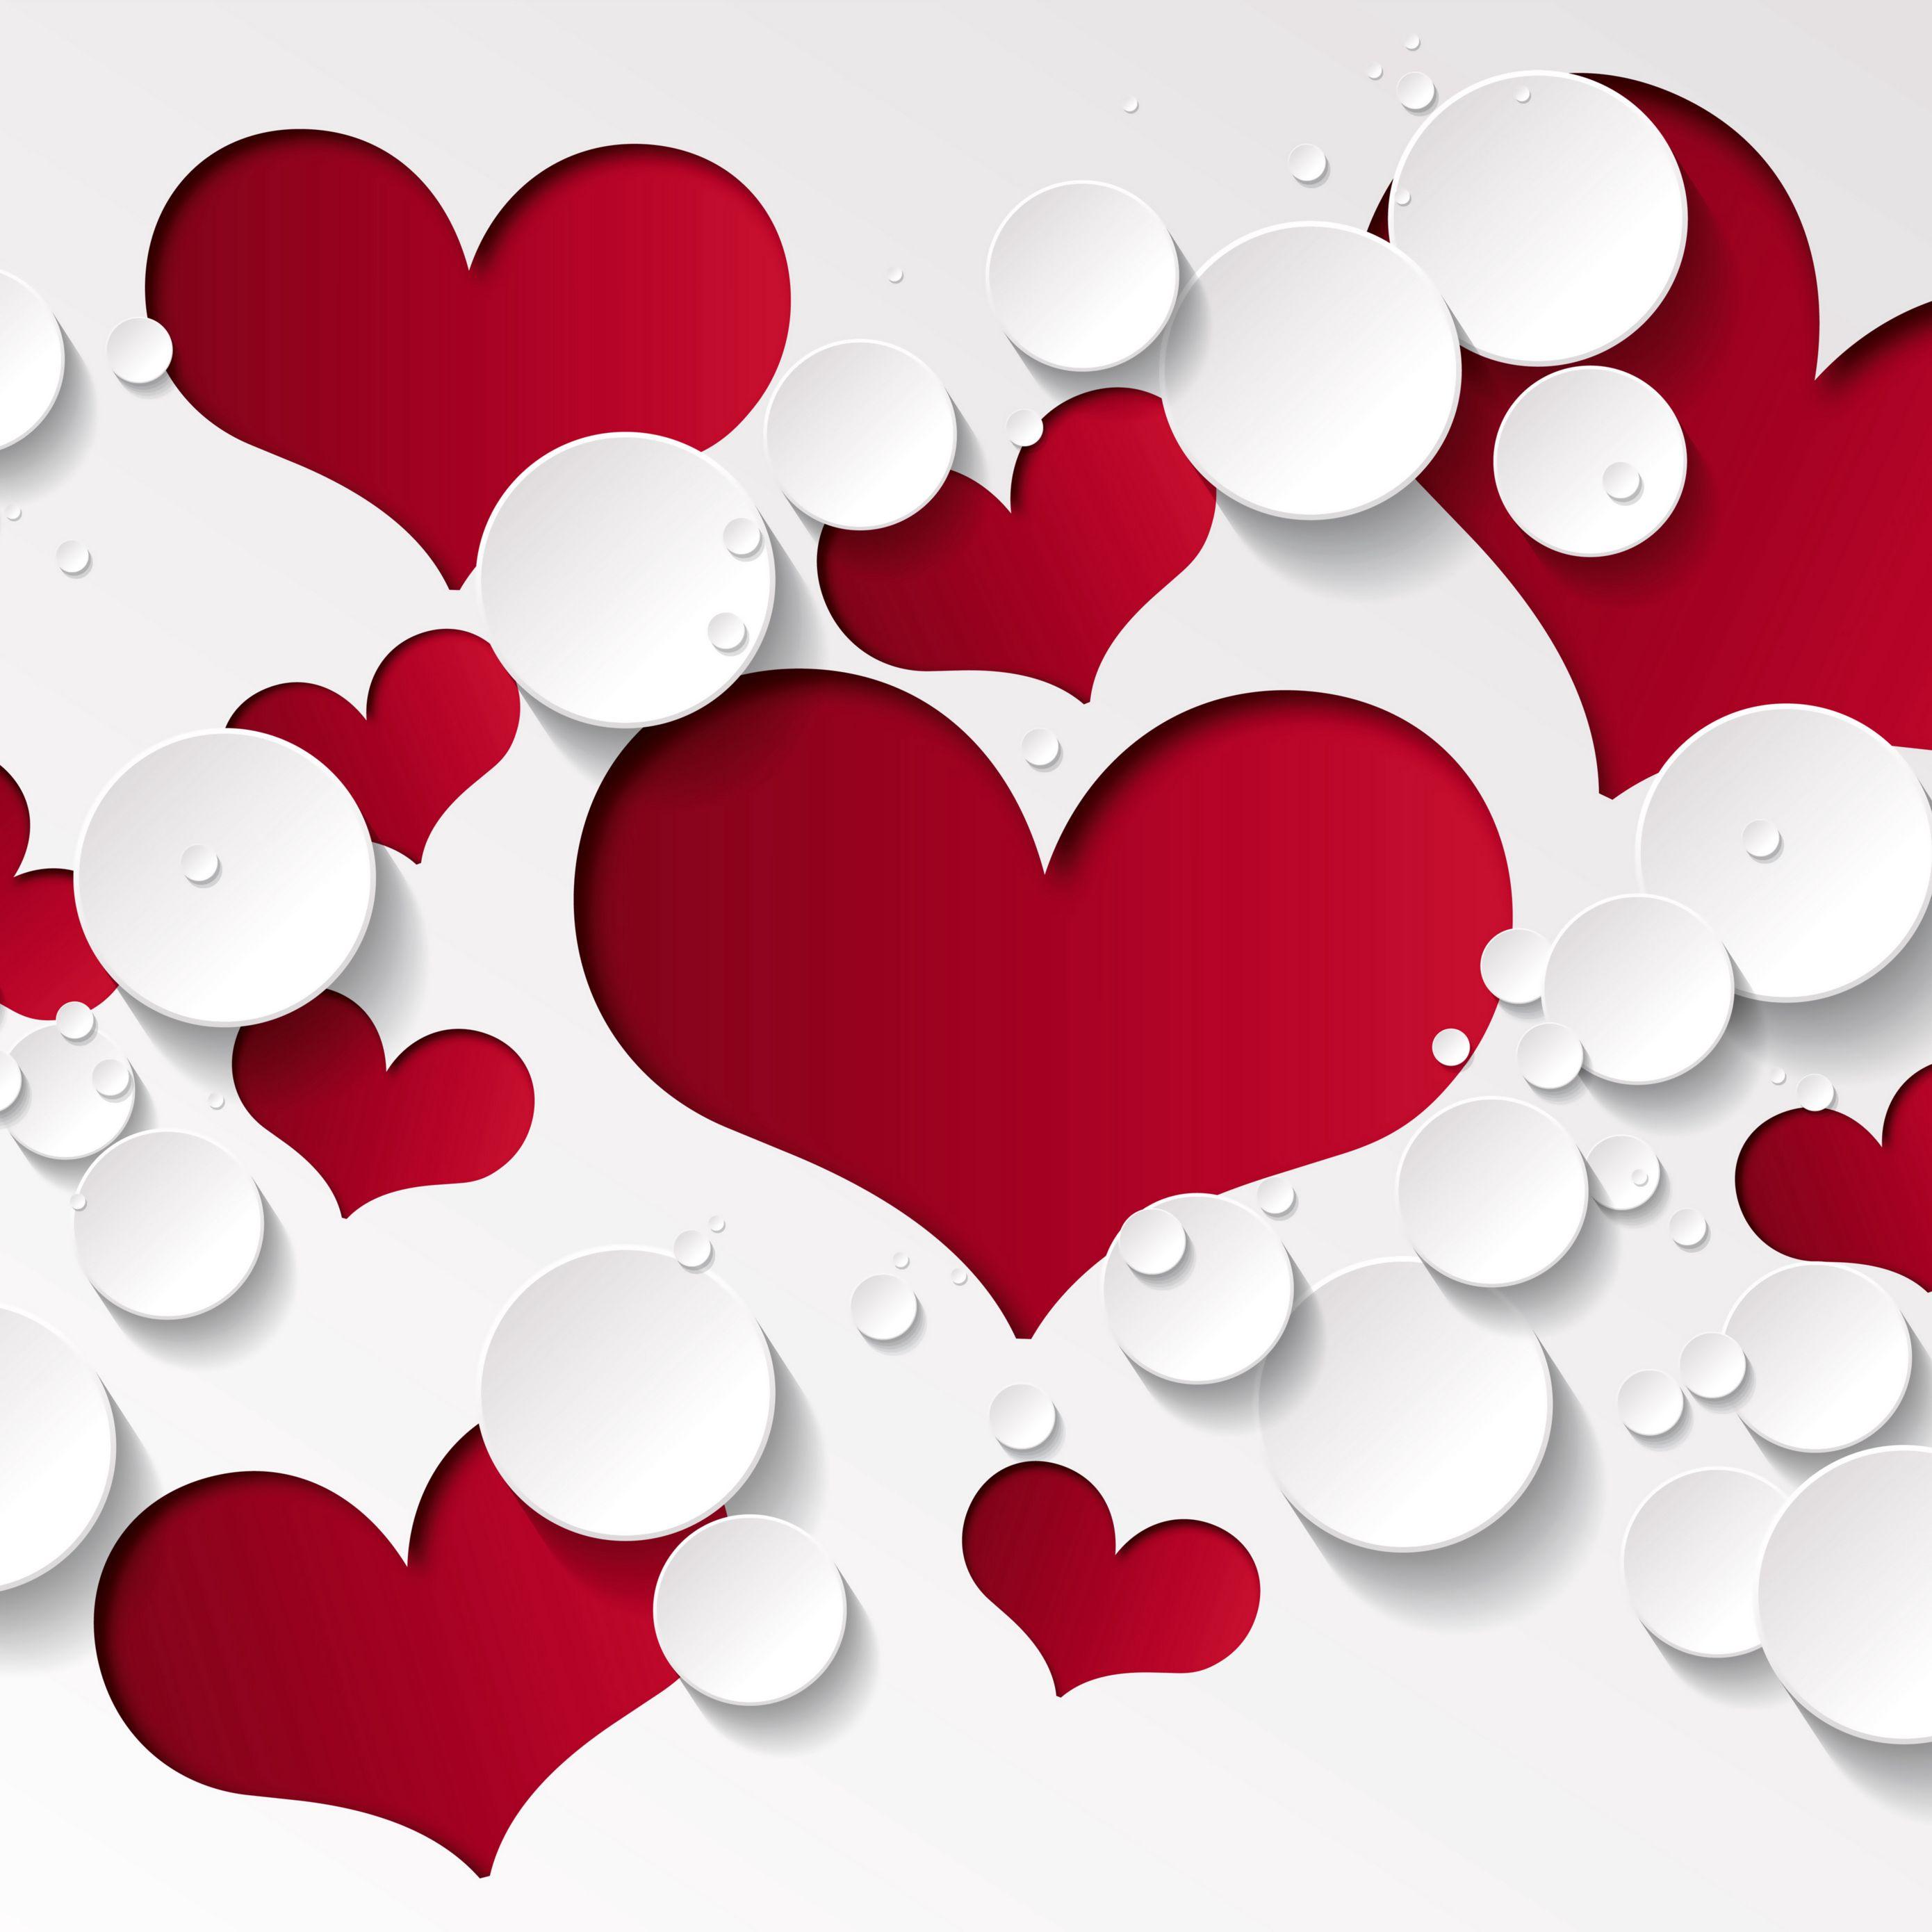 2780x2780 Wallpaper heart, shape, pattern